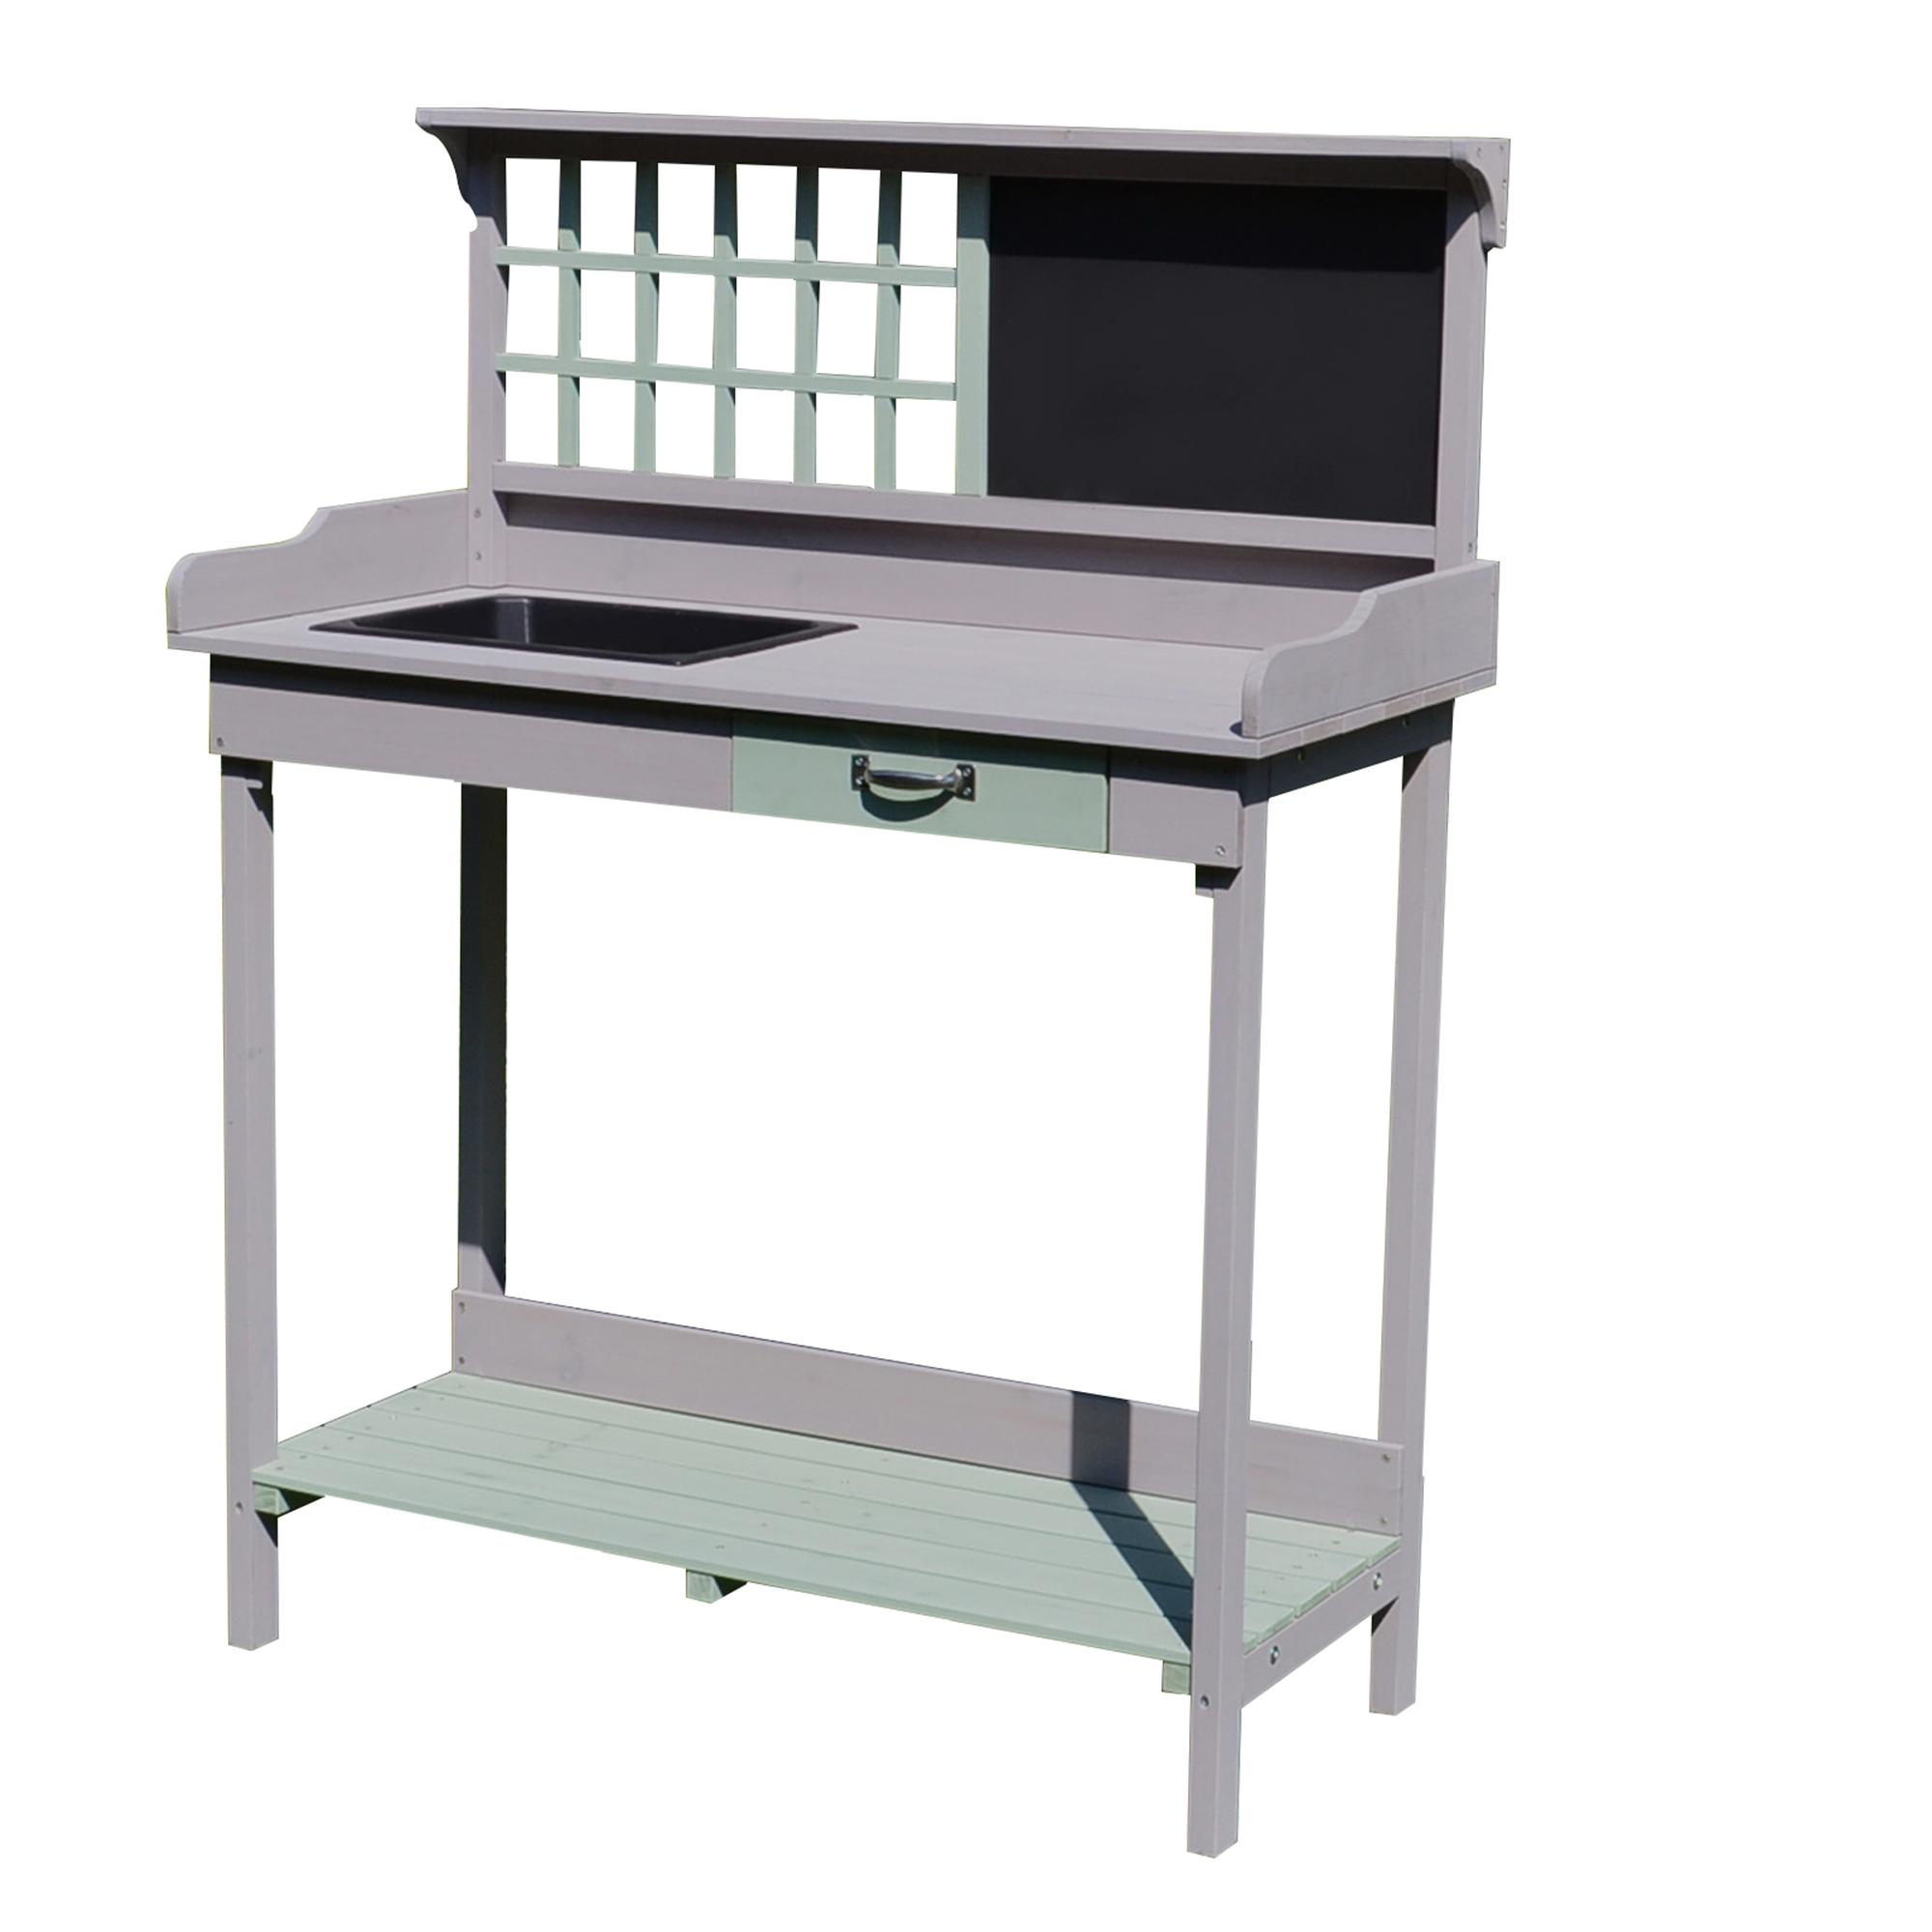 Table de rempotage multi-équipée gris vert menthe